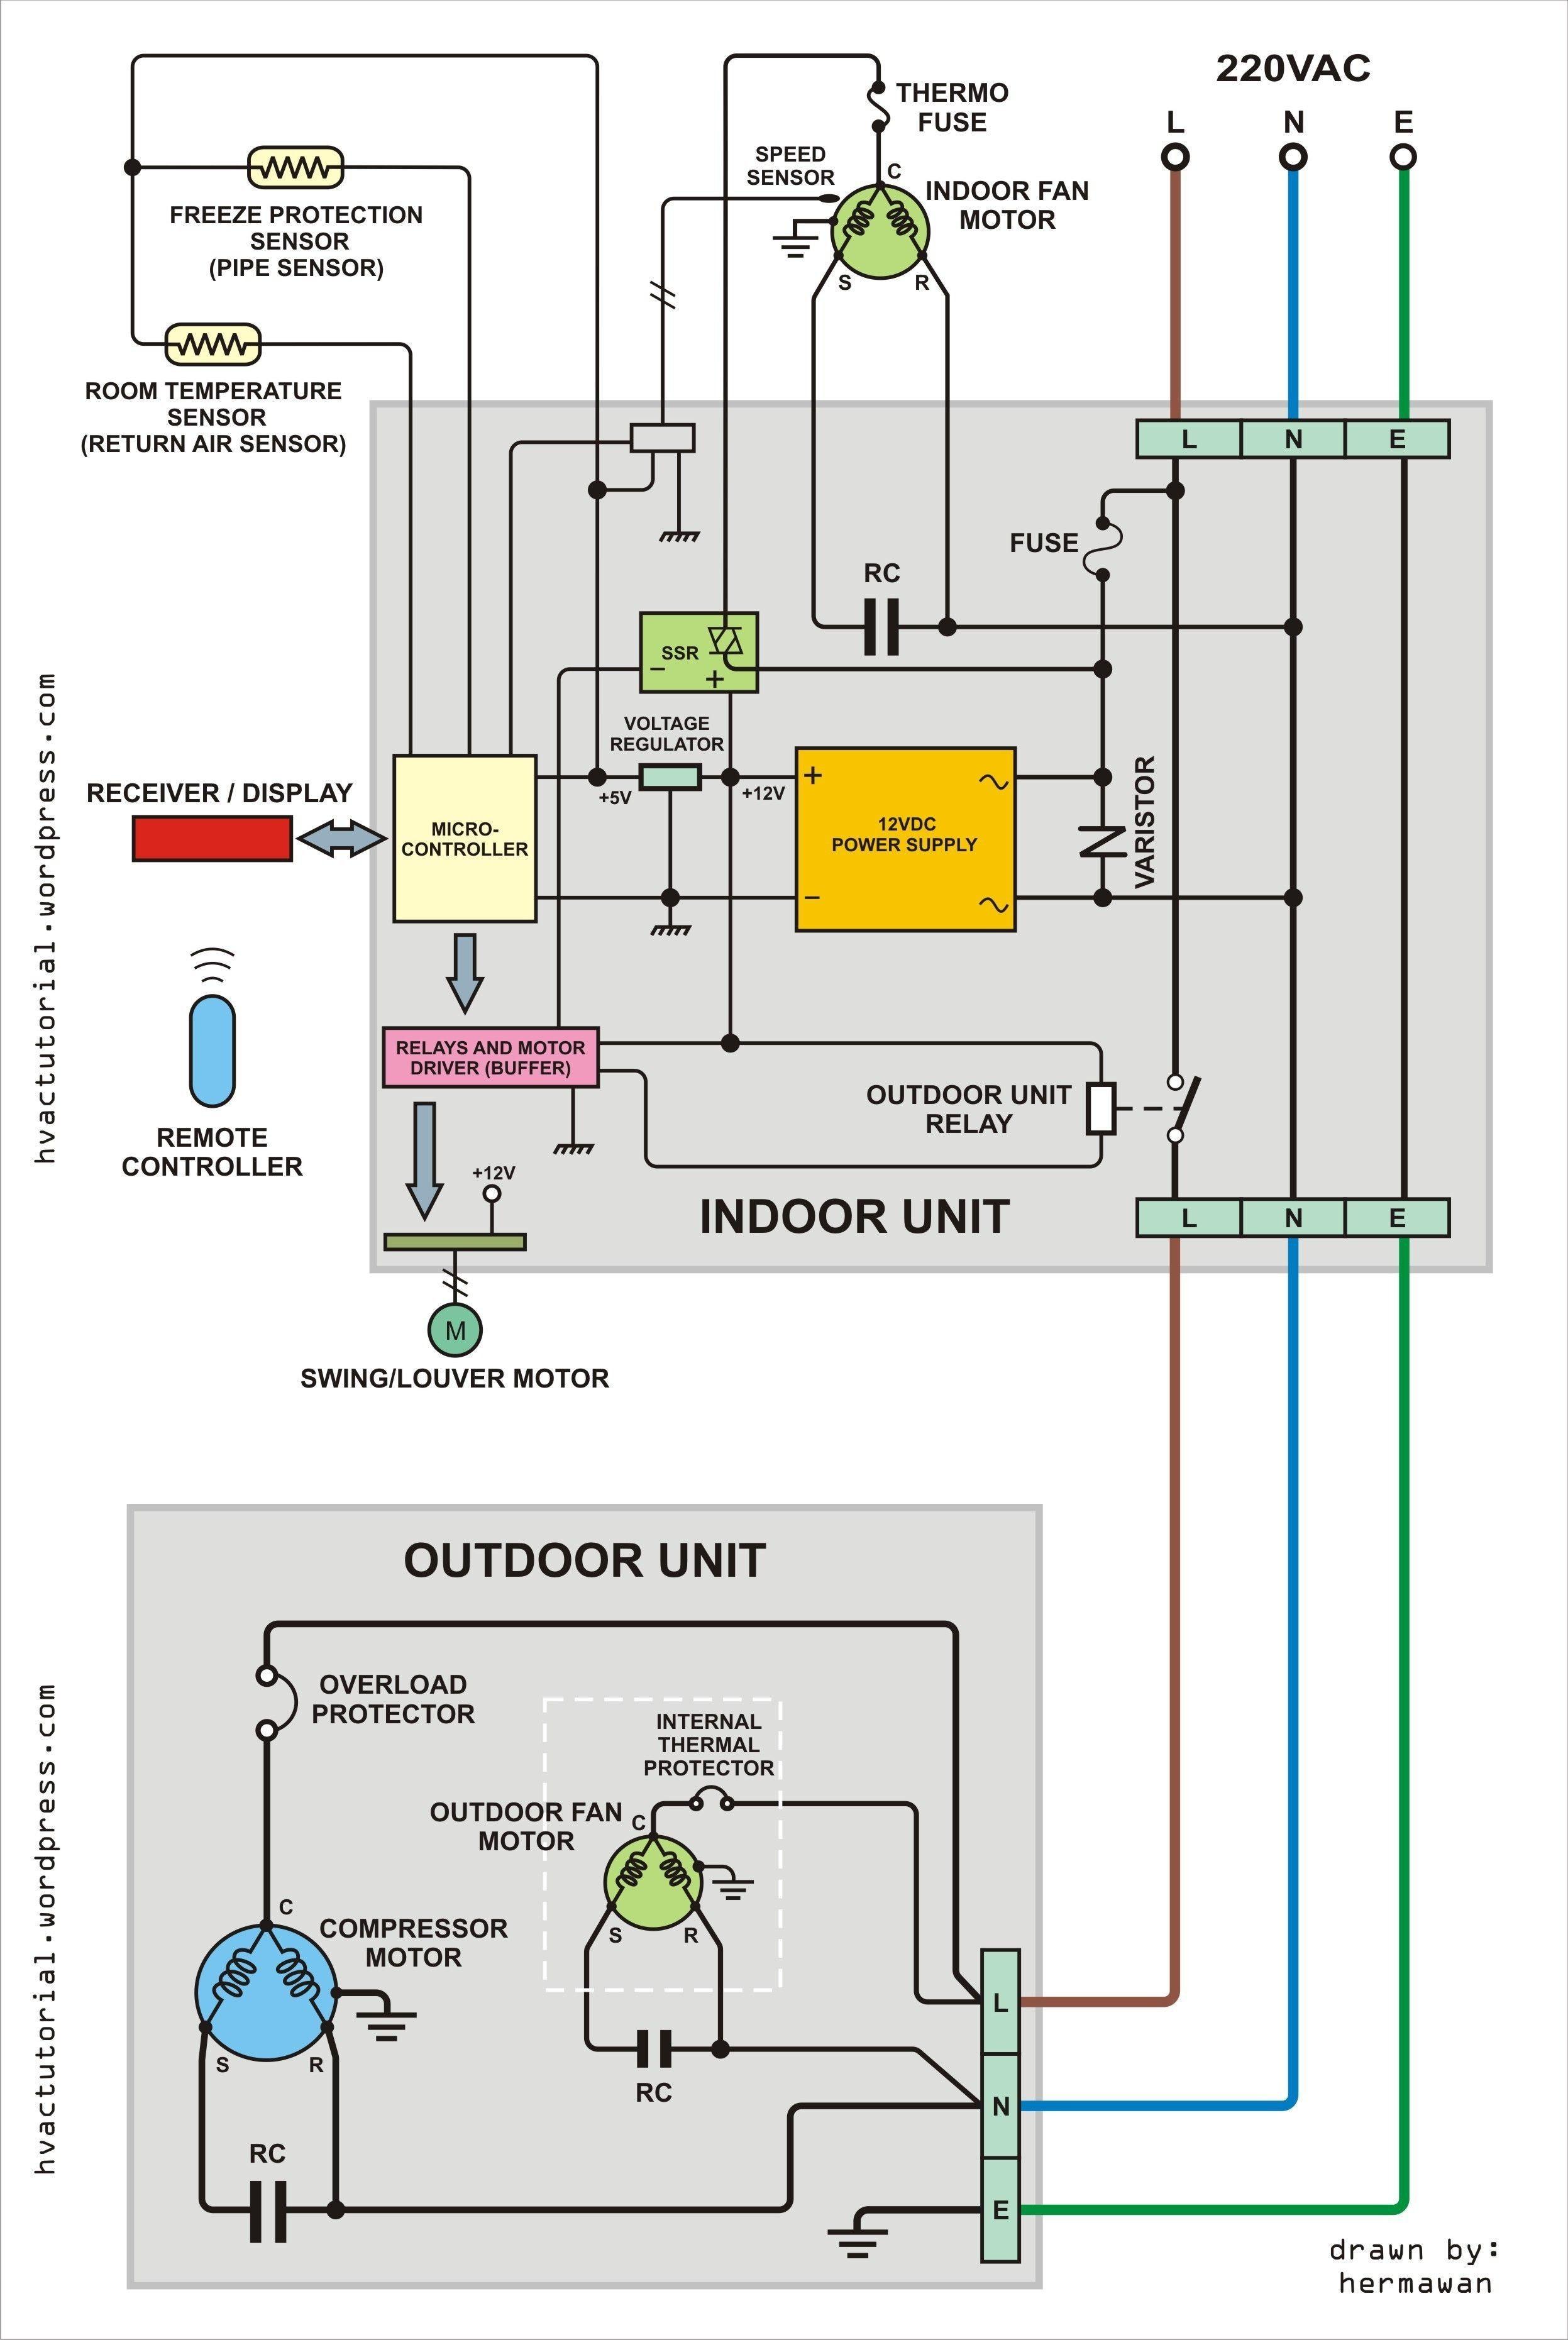 Auto Air Conditioner Diagram Auto Air Condition System Diagram Of Auto Air Conditioner Diagram